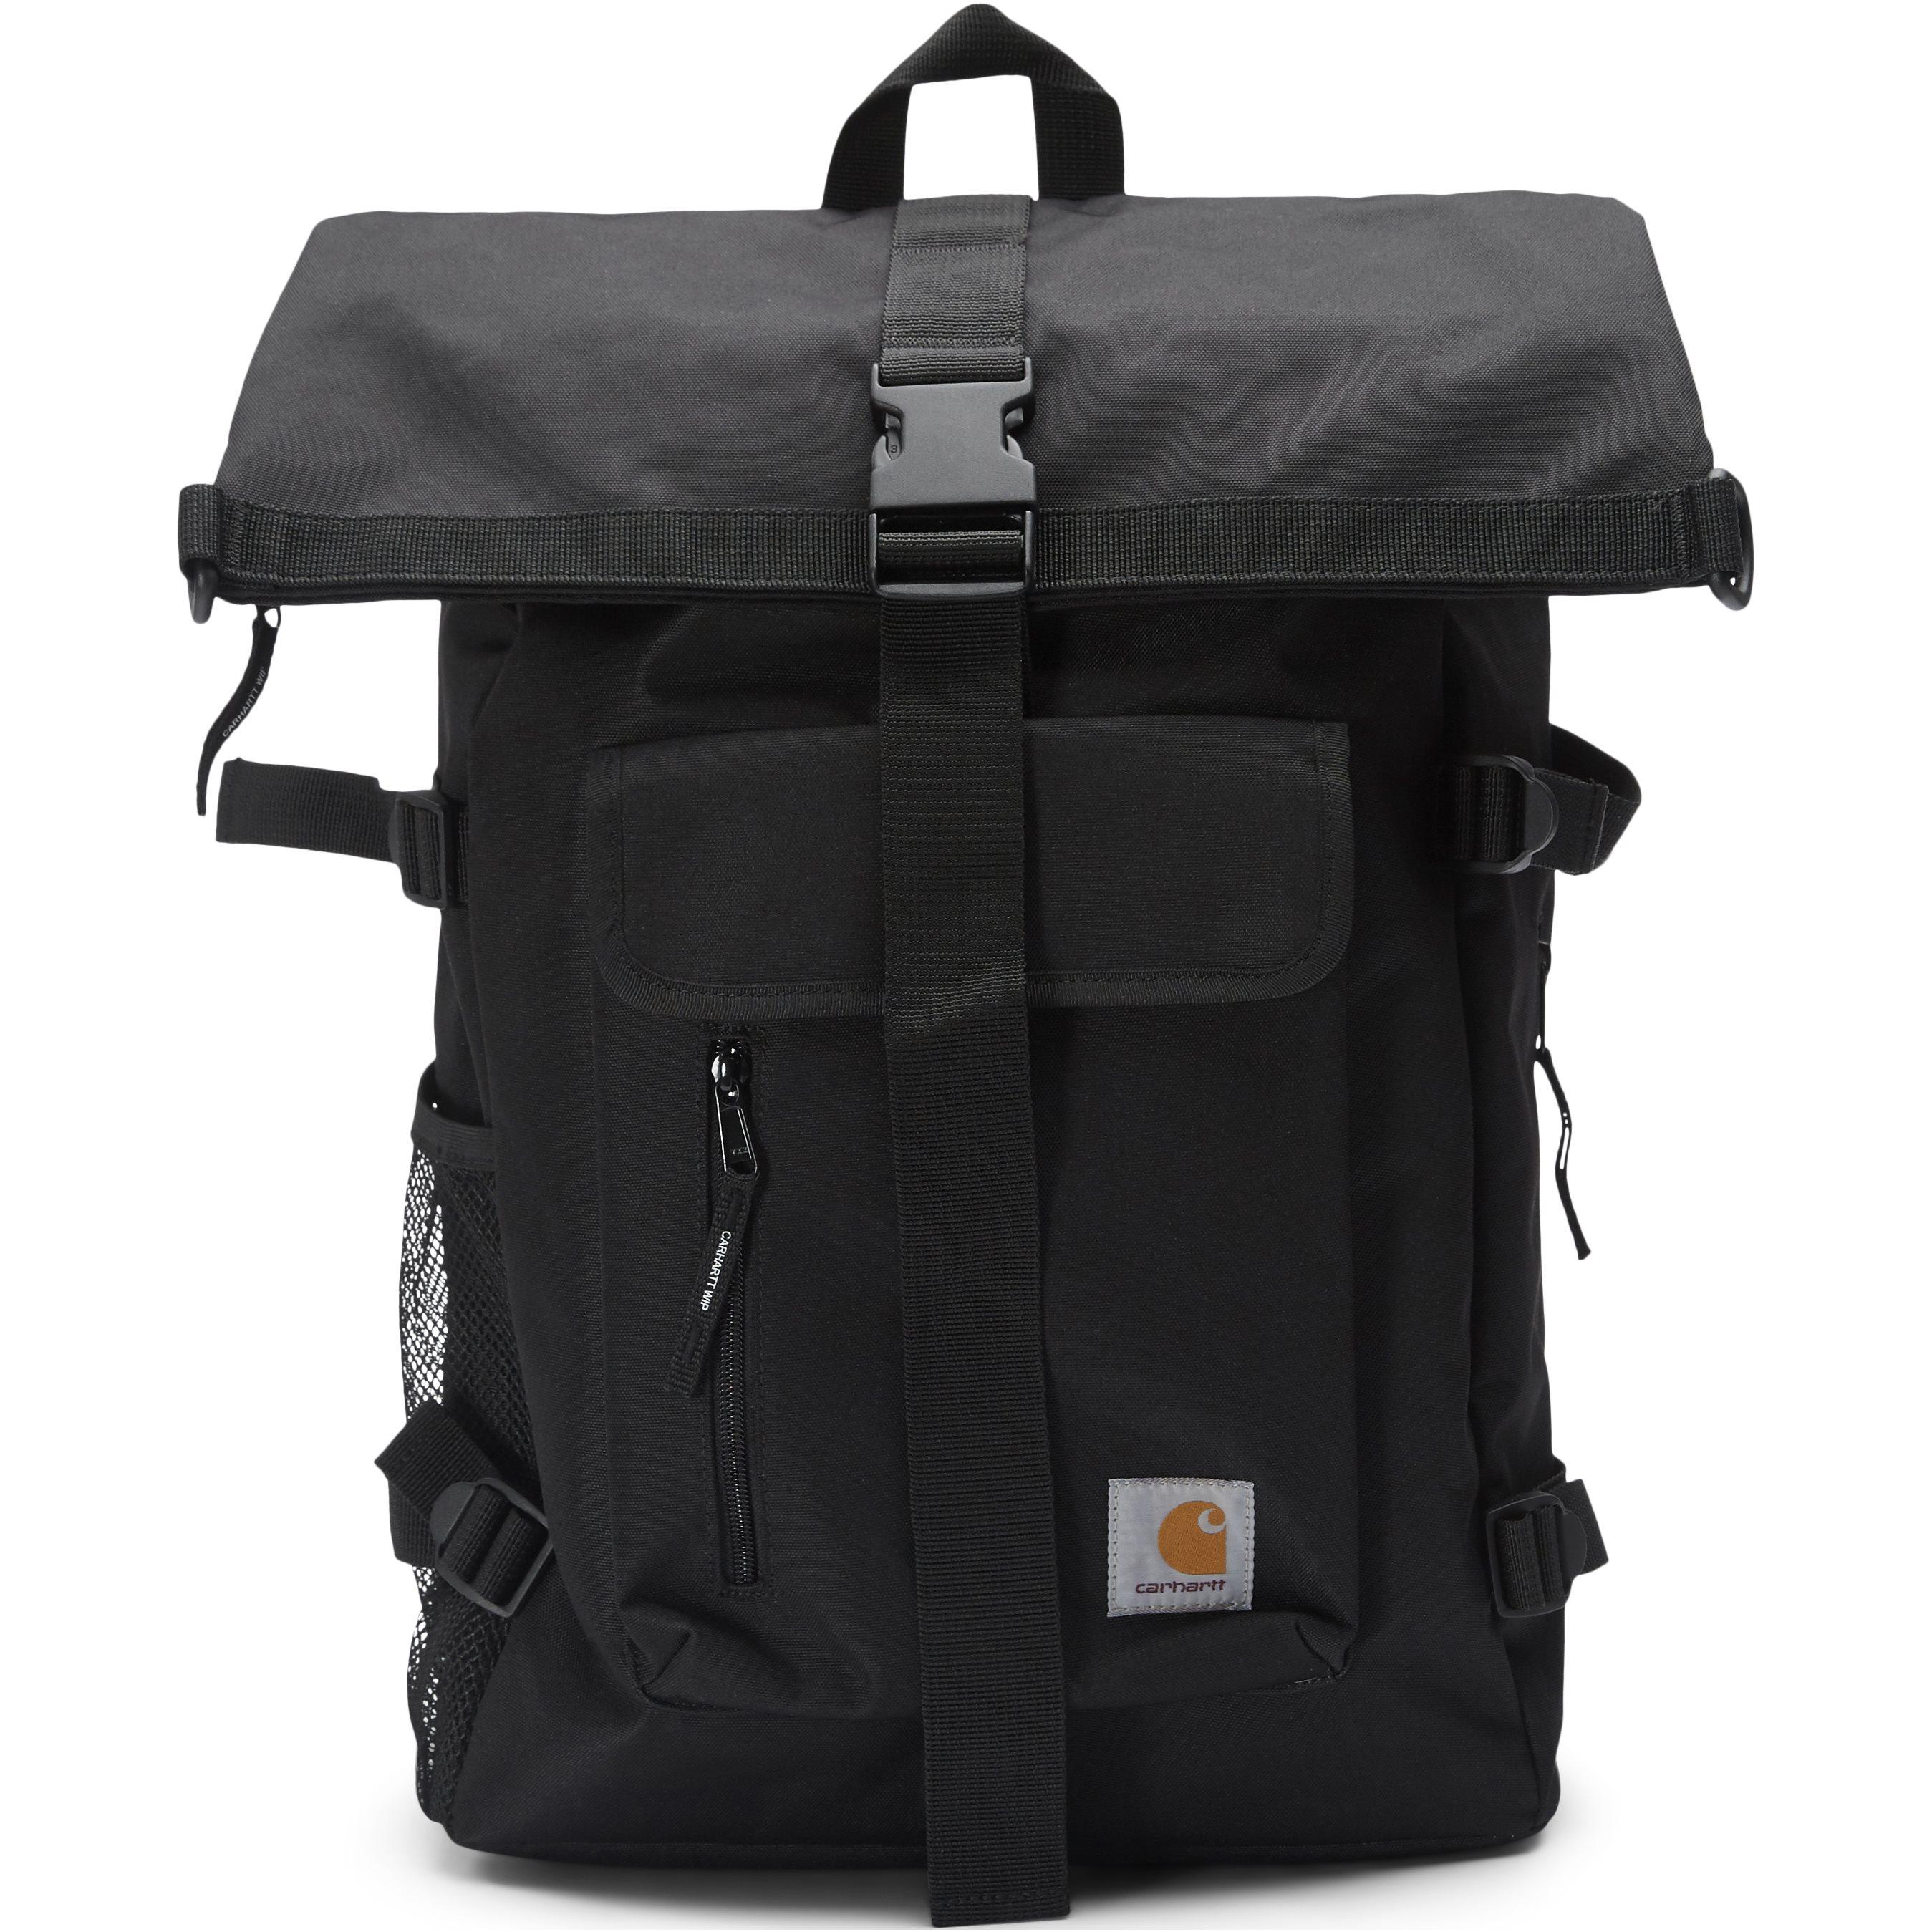 Philis Backpack - Tasker - Sort